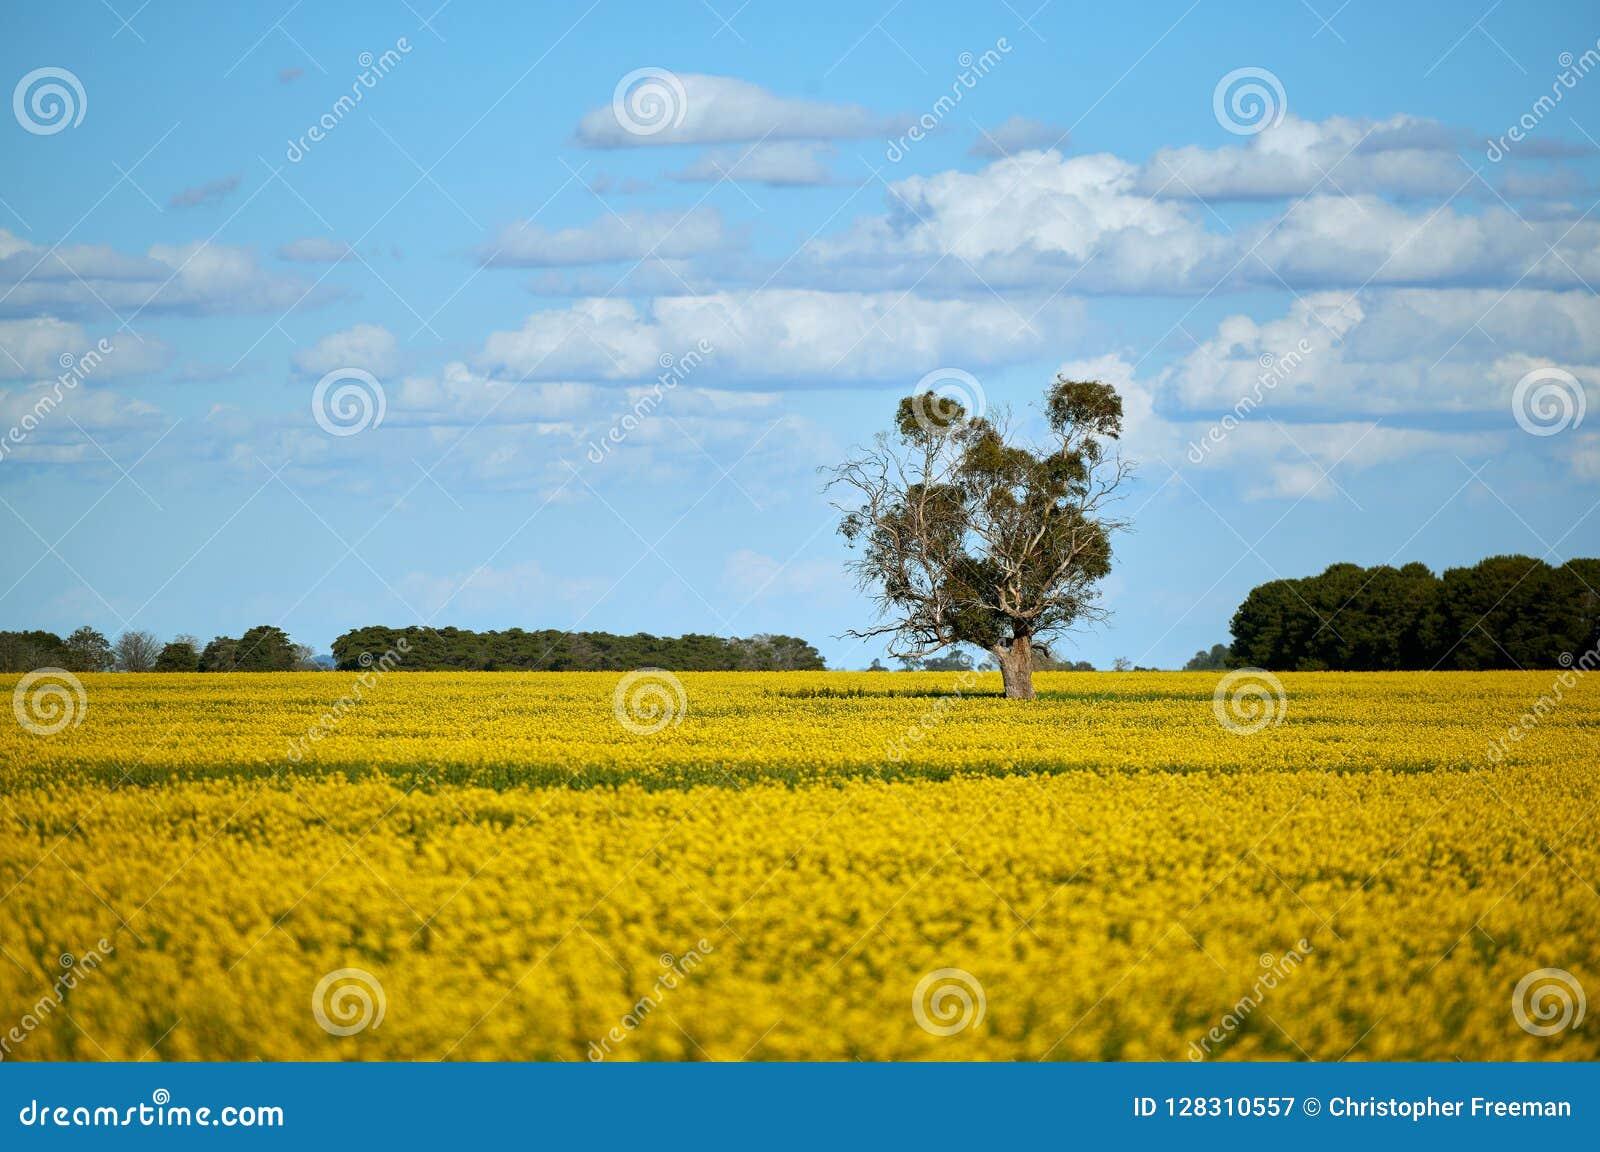 En ensam eukalyptuseukalyptusträd i mitt av ett canolaskördfält på en ljus vårdag under en blå himmel med försiktiga vita moln